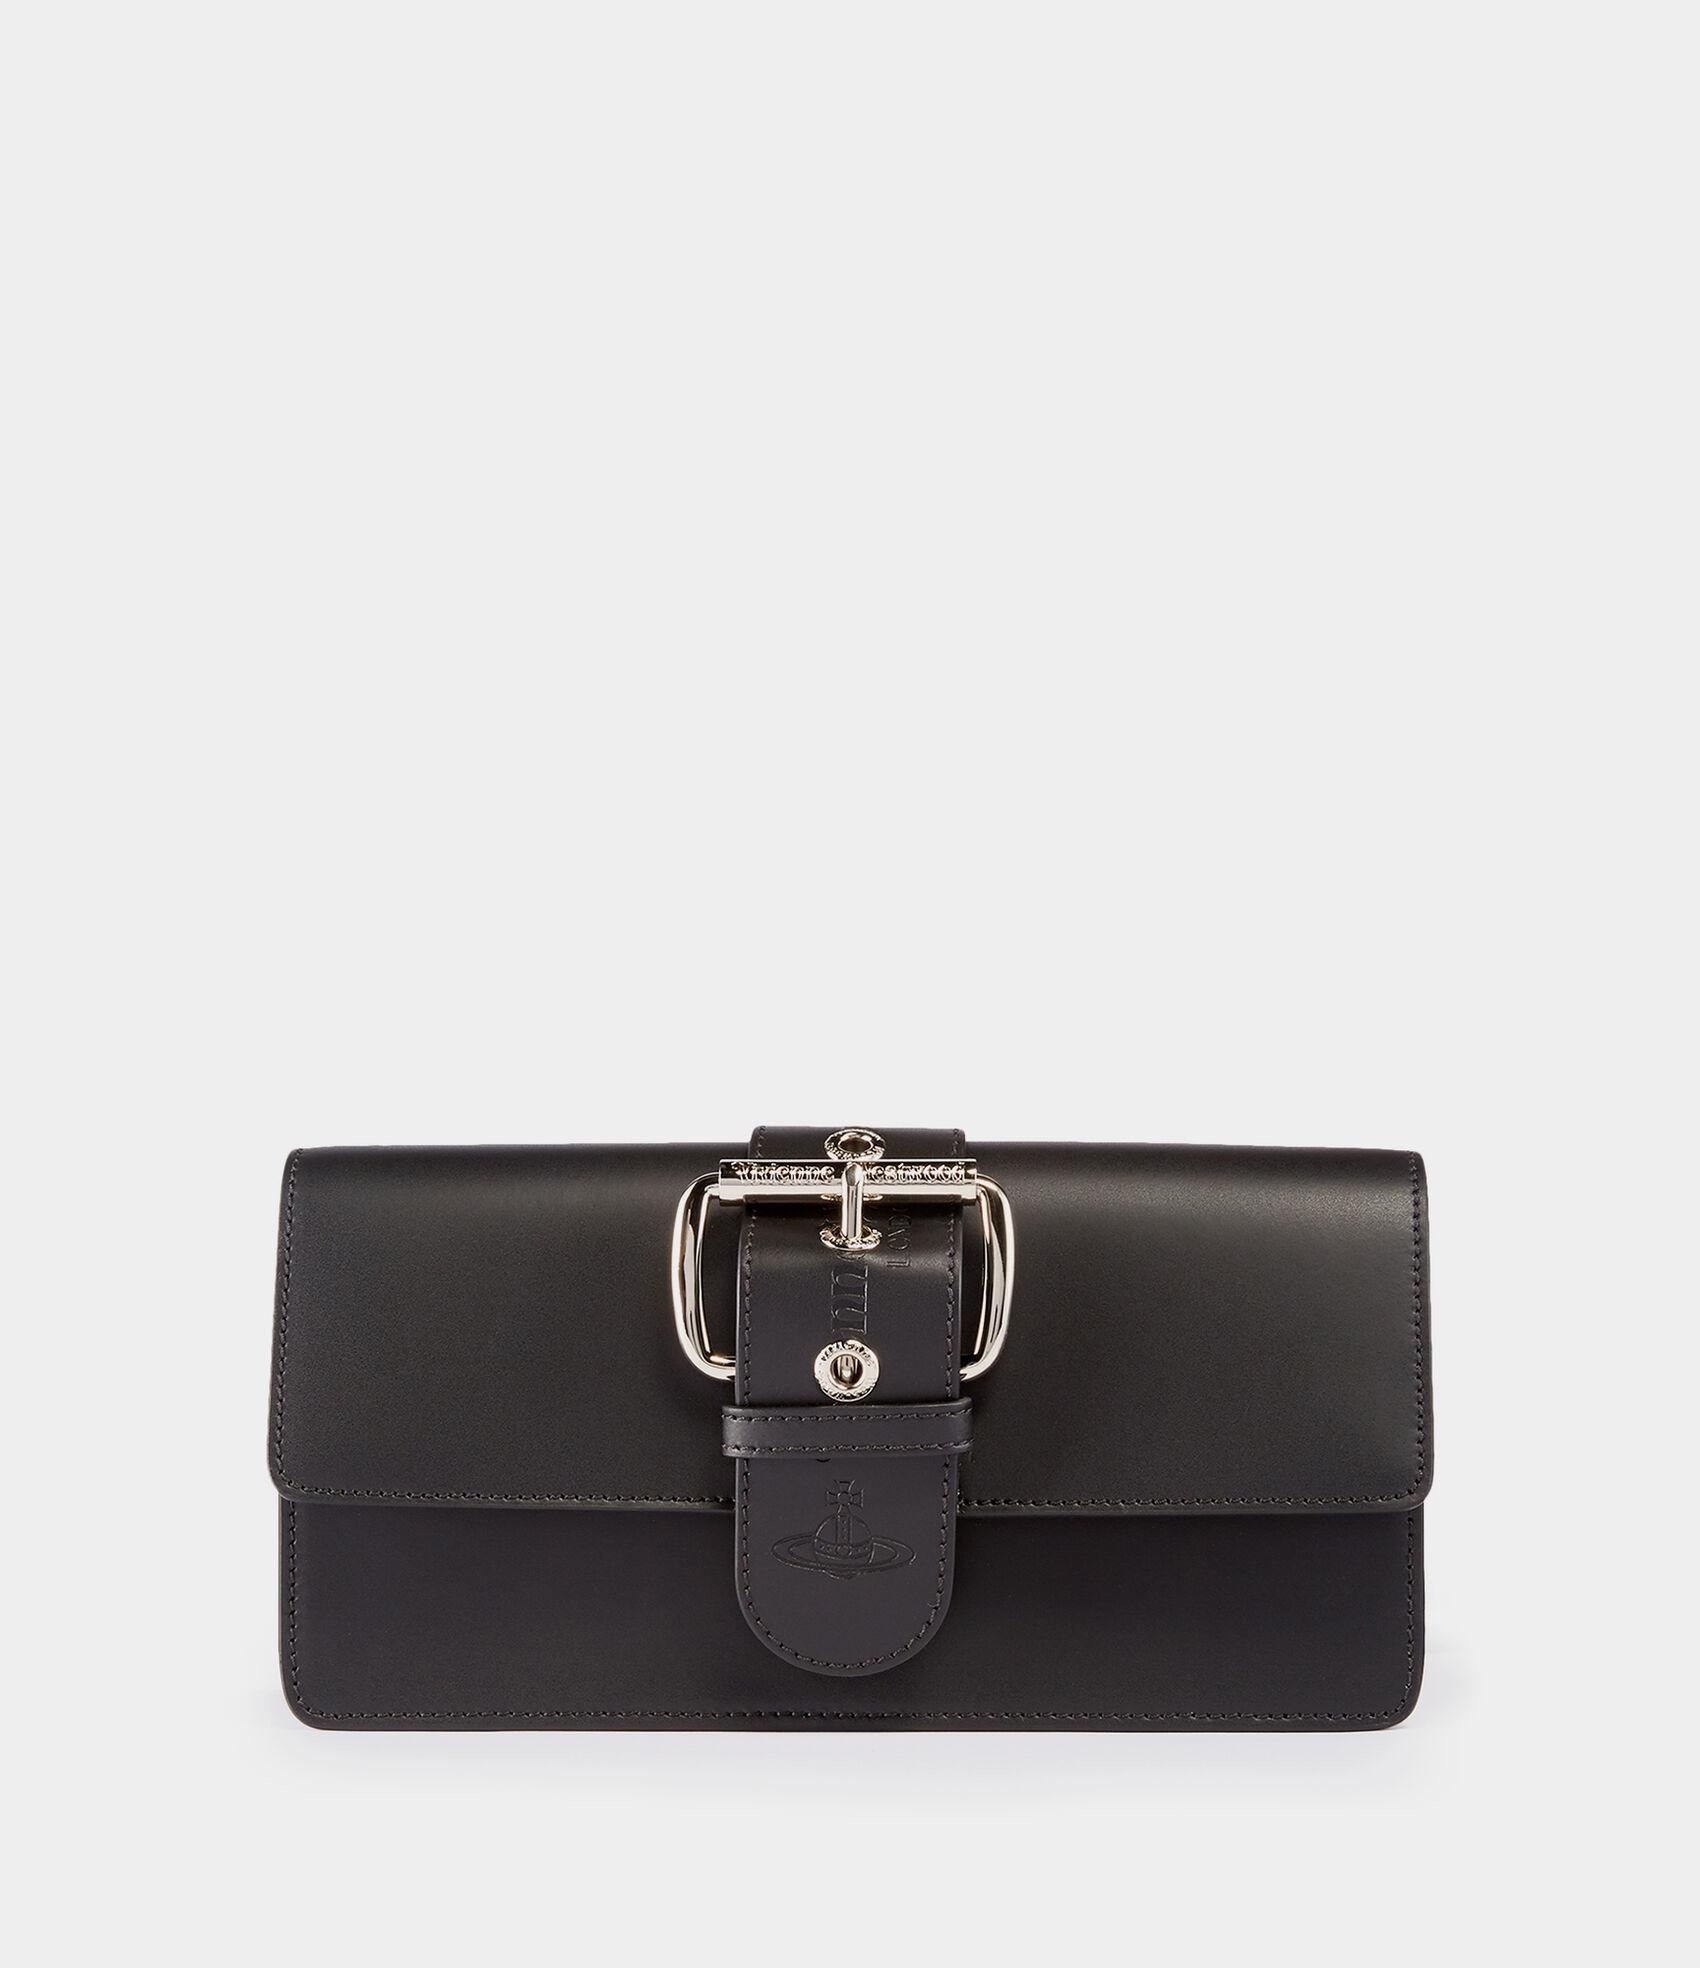 488718882013 Vivienne Westwood Women s Designer Clutches